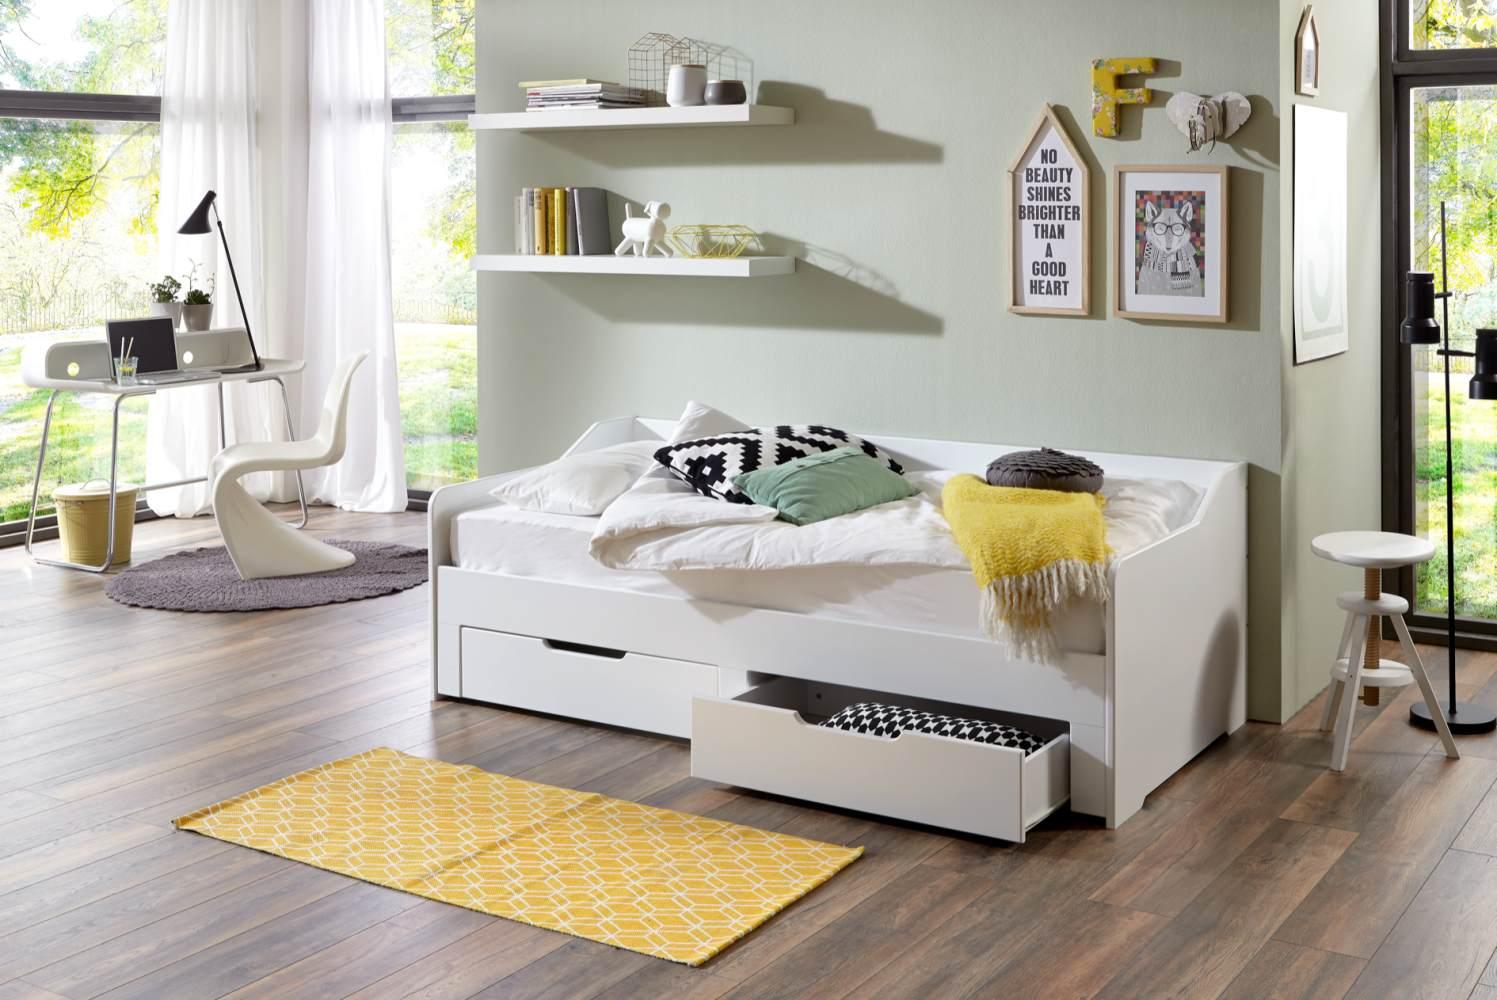 Relita 'Anna' Einzelbett weiß, 90x 200 cm, Liegefläche ausziehbar auf 180 x 200 cm inkl. 2 Schubladen Bild 1